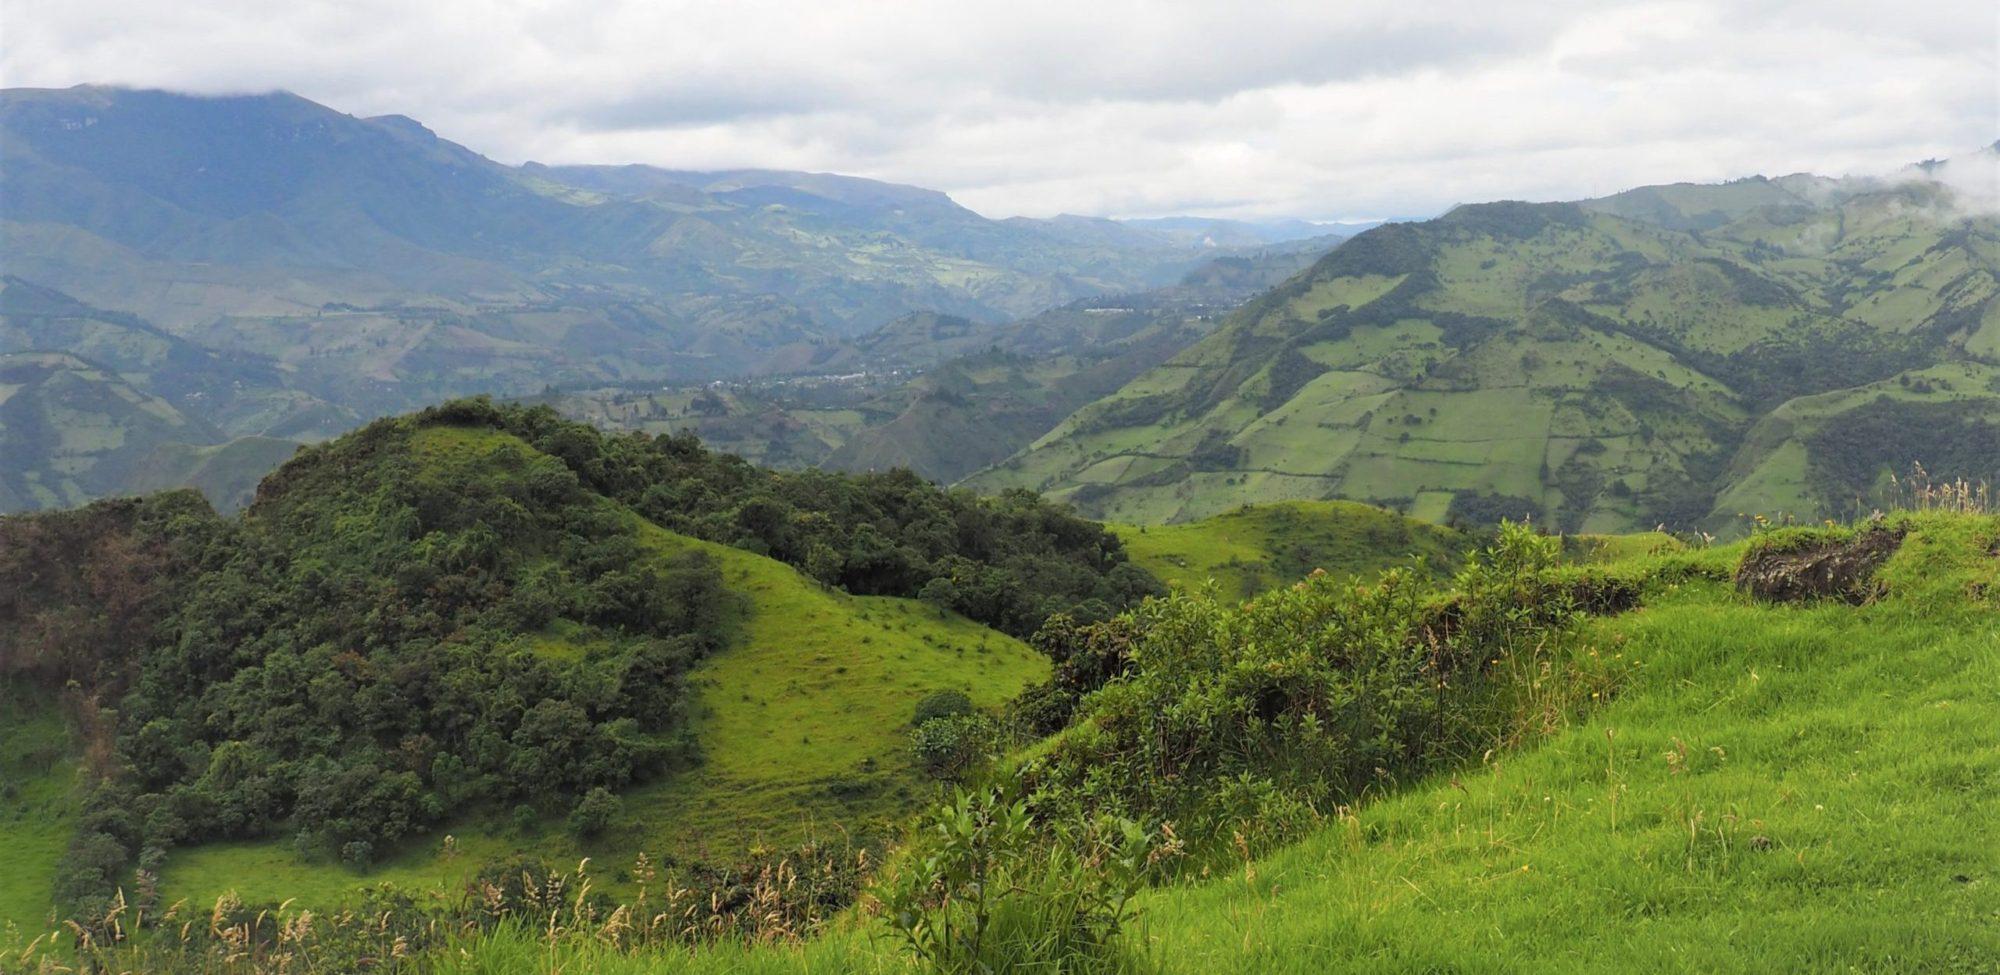 Community tourism in Ecuador: Route 1